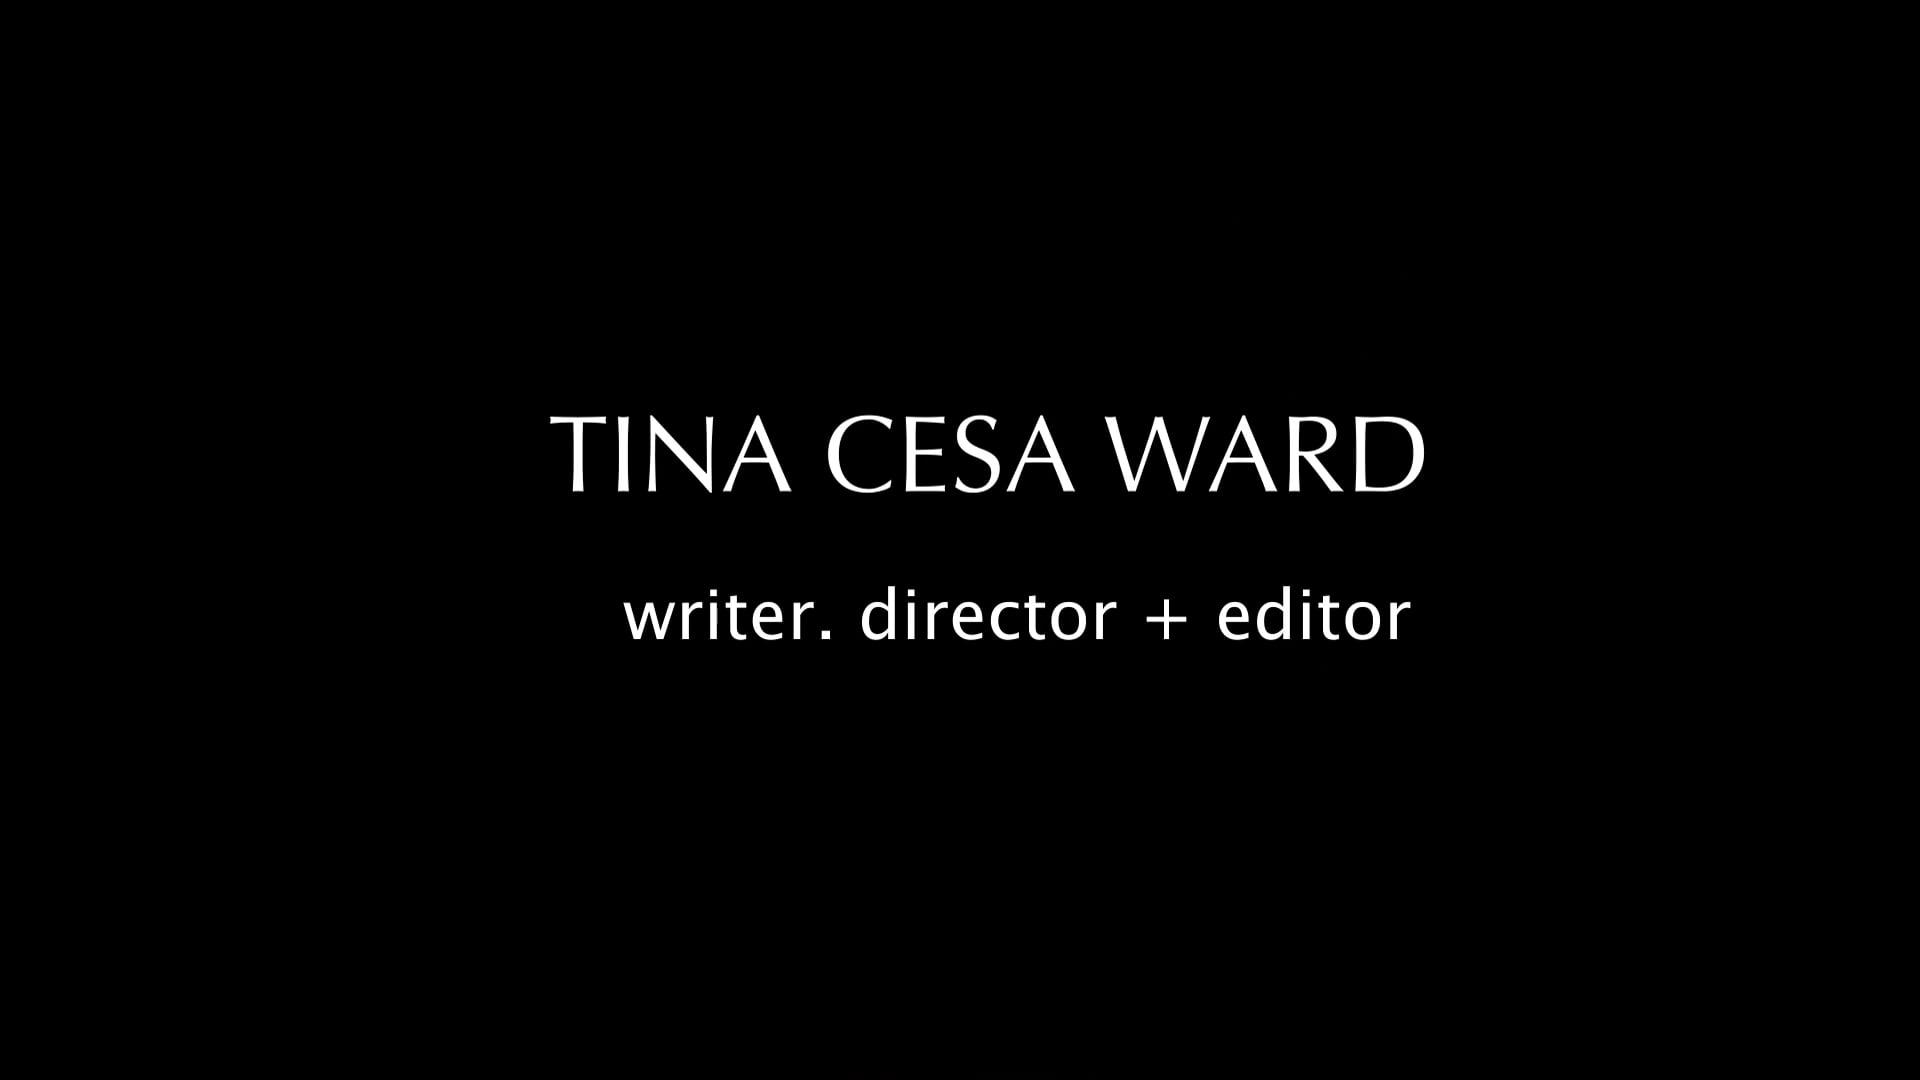 Tina Cesa Ward: Series Reel 2020